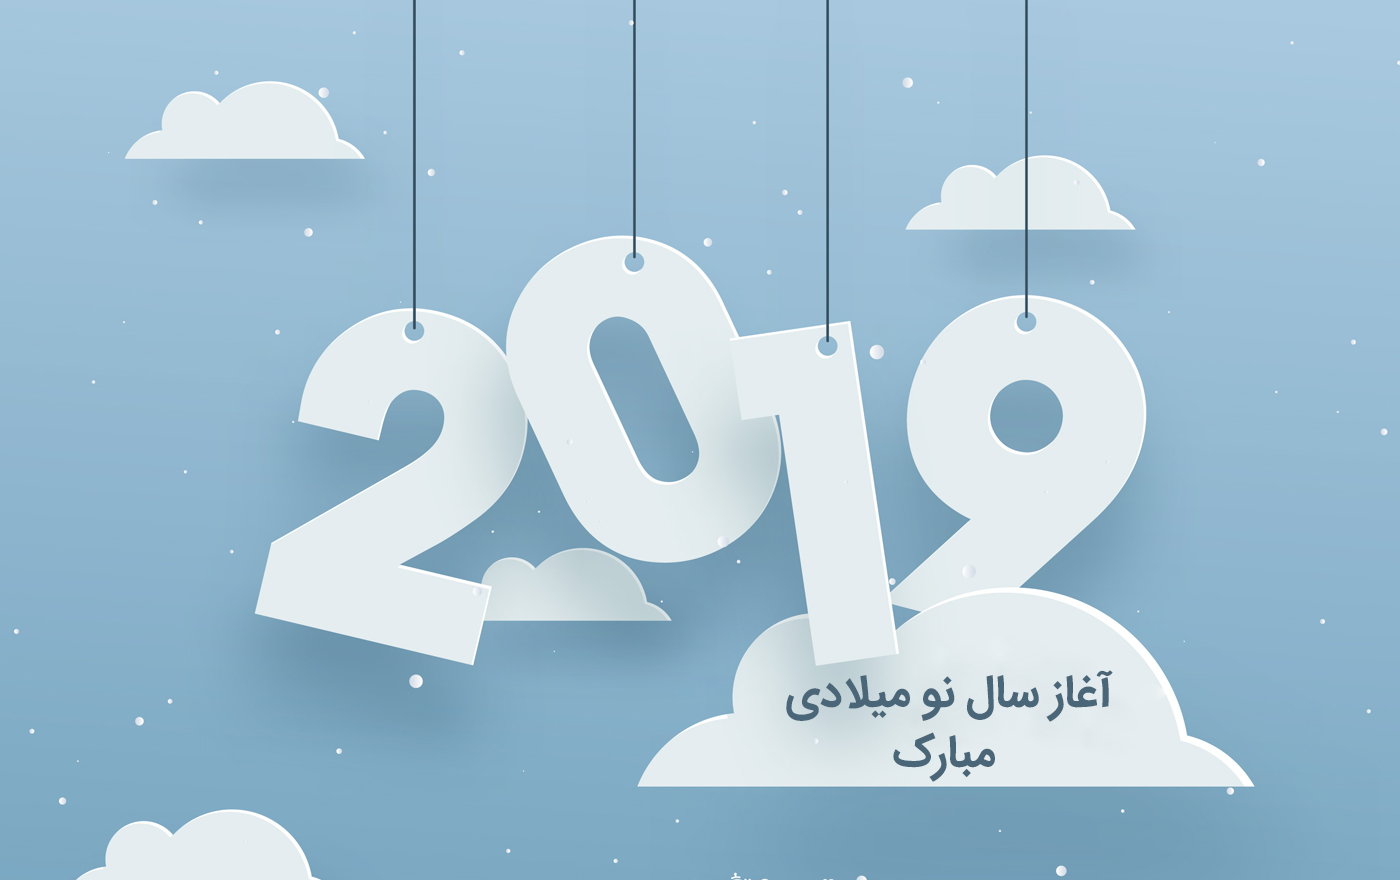 تاریخ آغاز سال نو میلادی 2019